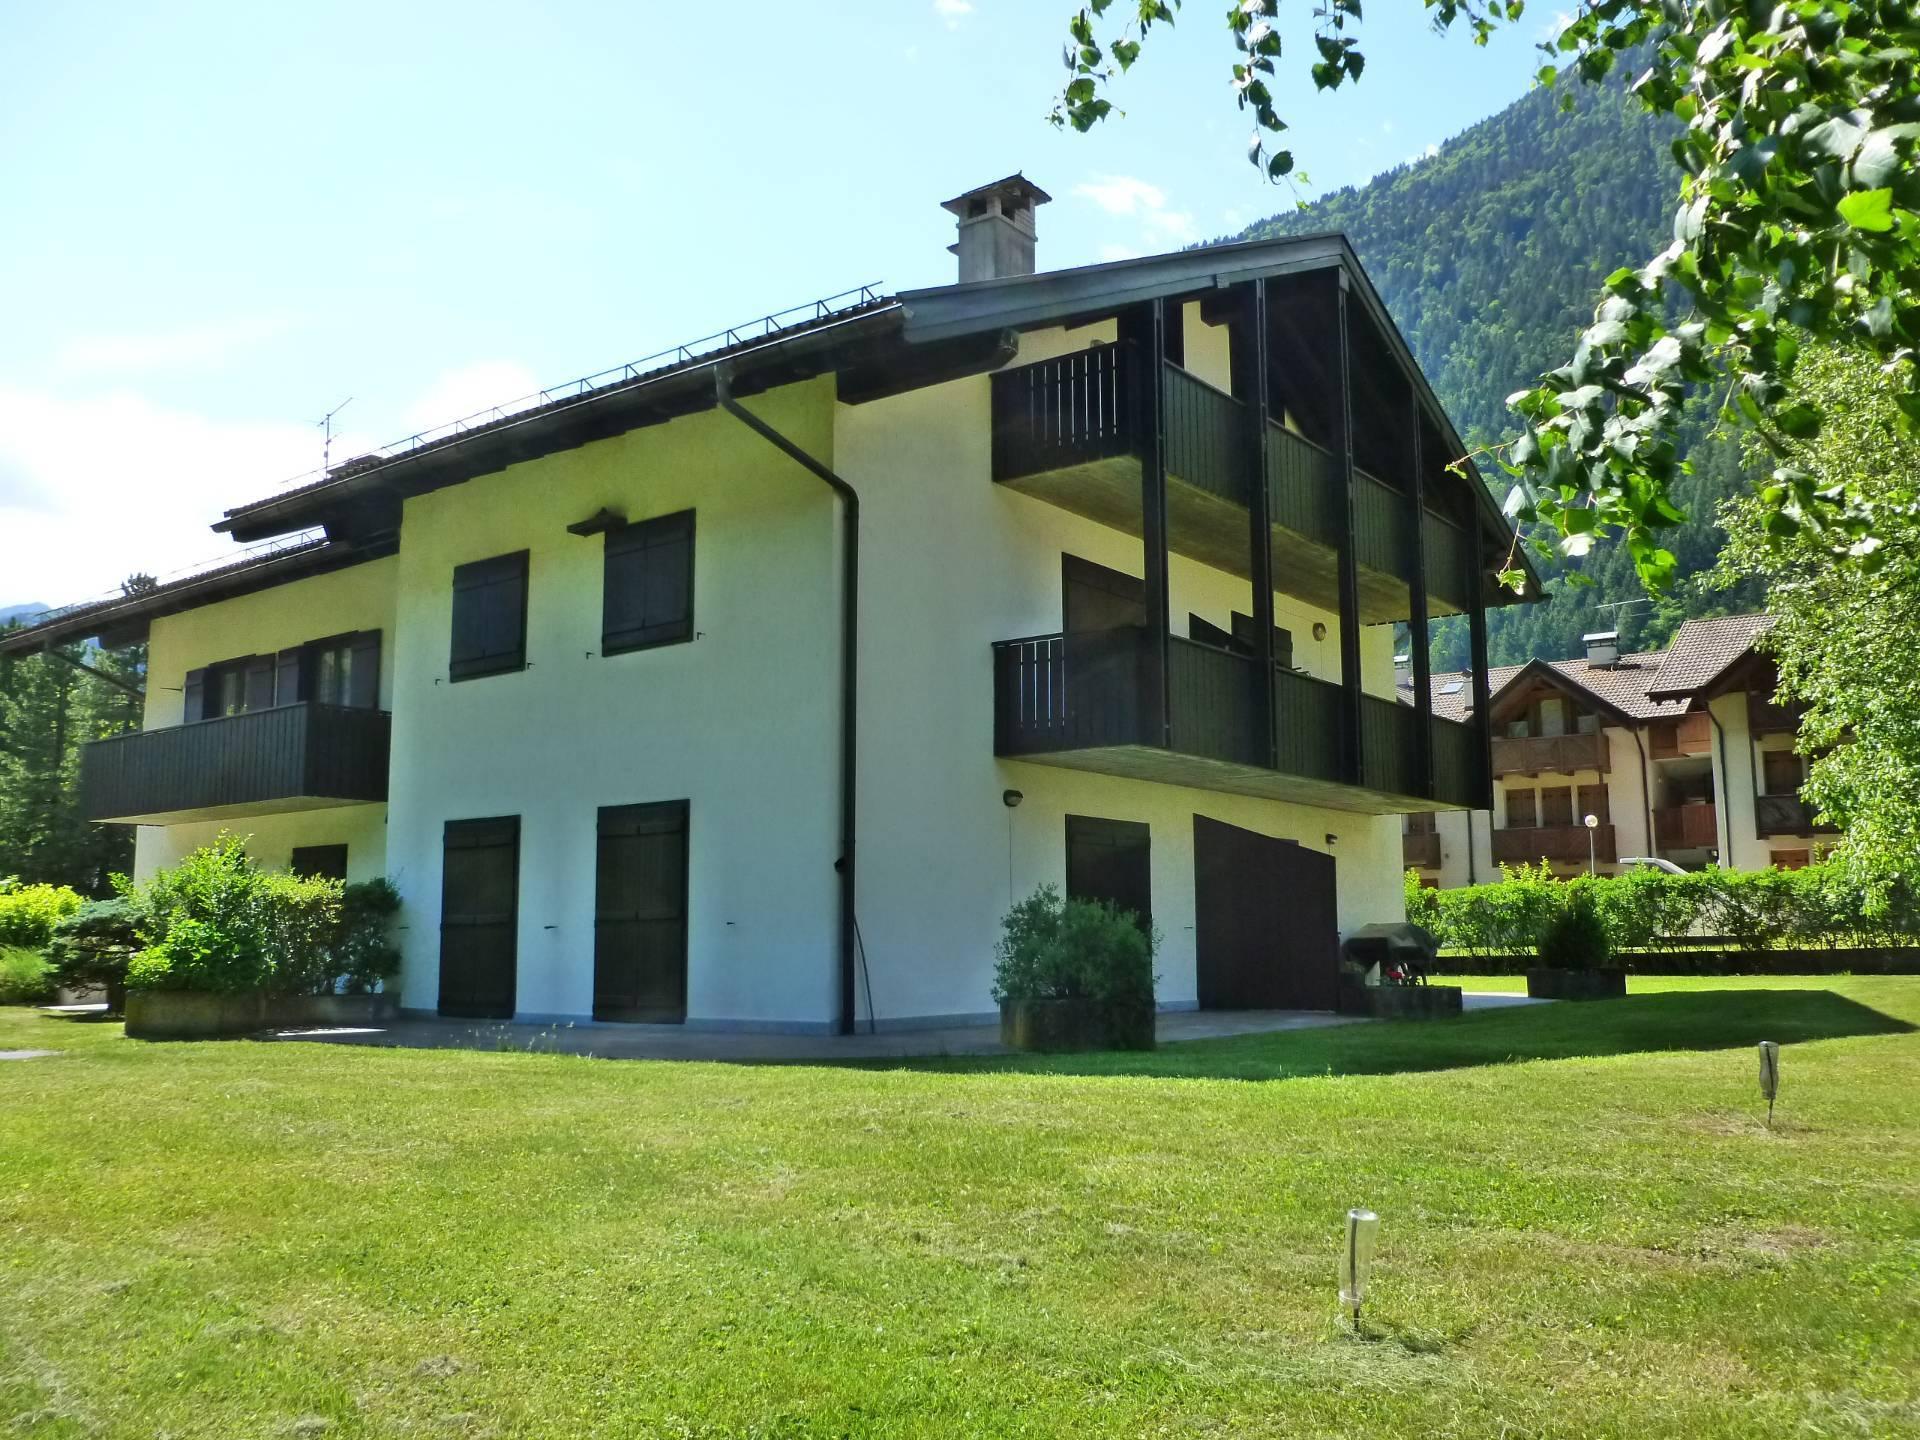 Appartamento in vendita a Spiazzo, 2 locali, zona Località: Fisto(Ches, prezzo € 87.000 | CambioCasa.it